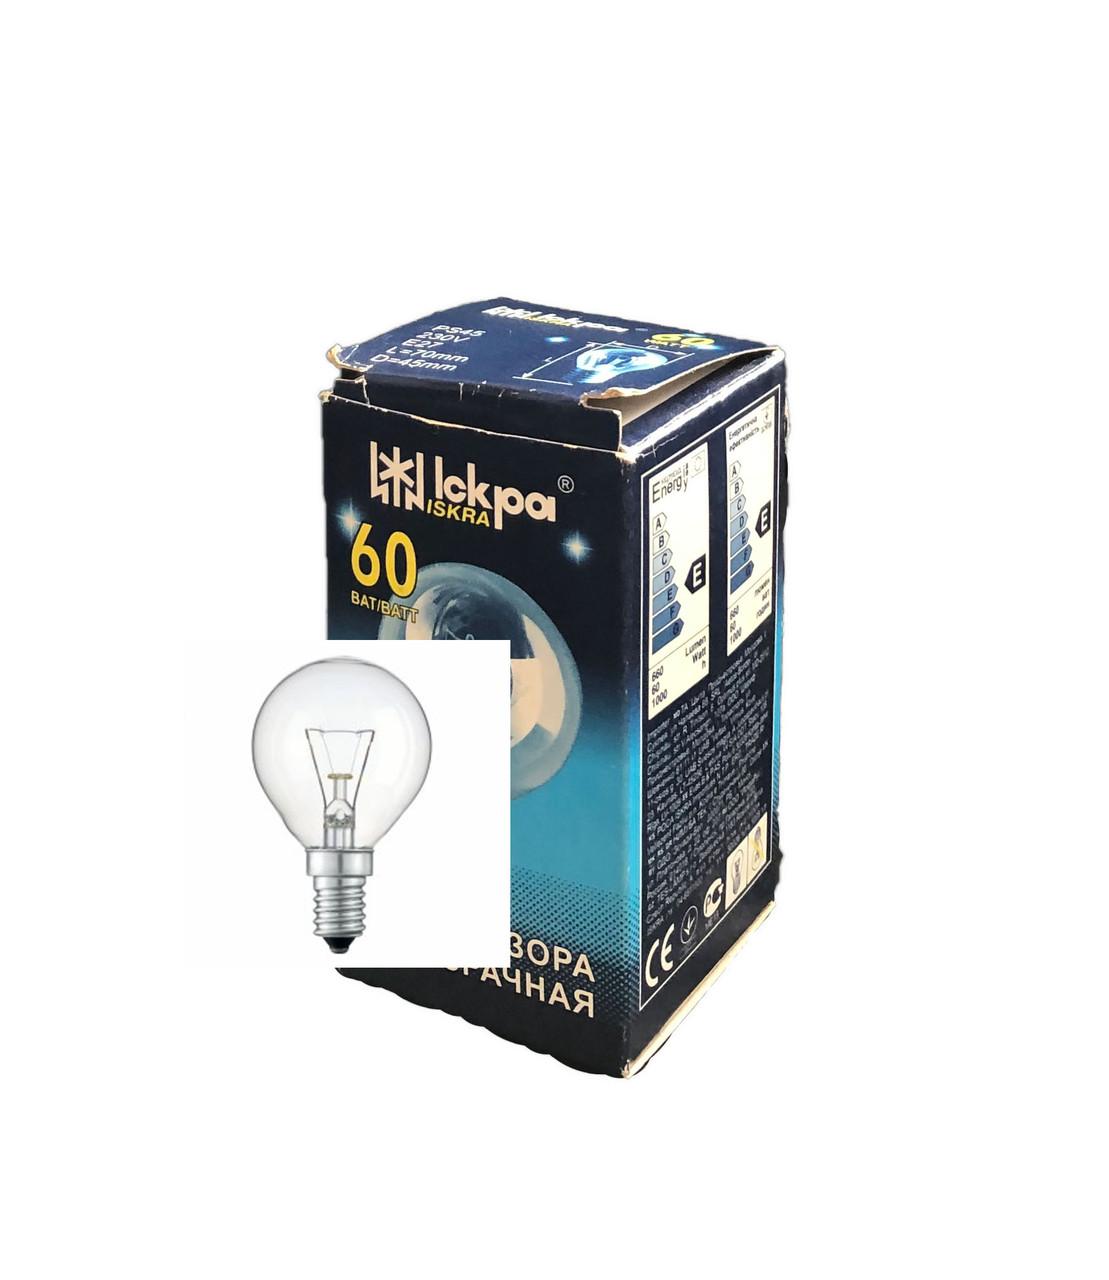 Лампа накаливания шарик, 60Ватт, Е14